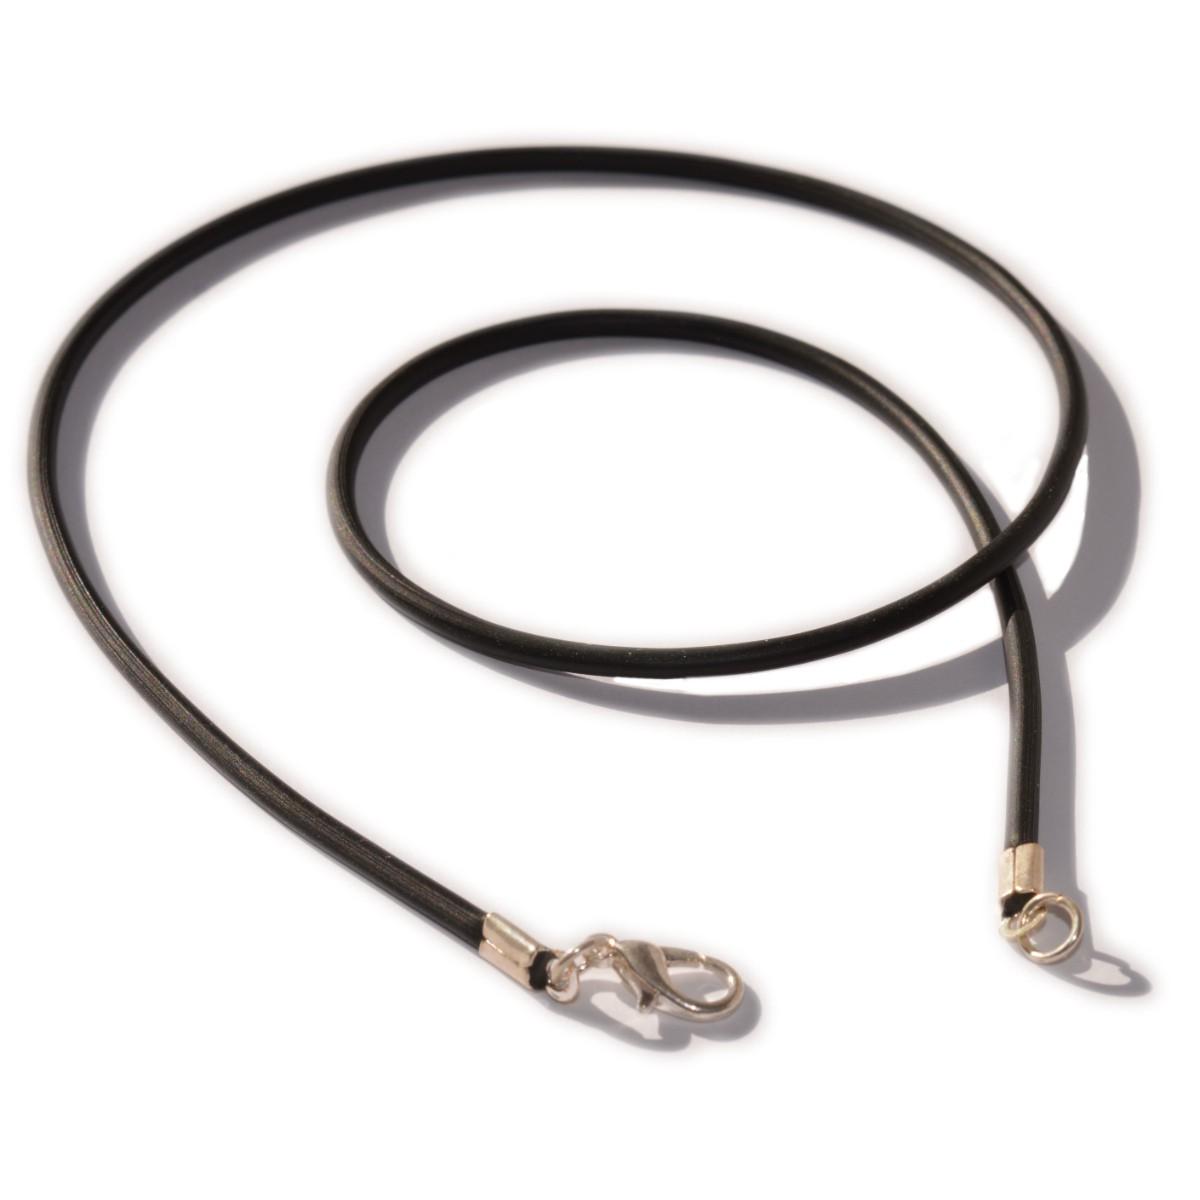 Kautschukband Hals-Kette mit Verschluss - schwarz 44 cm